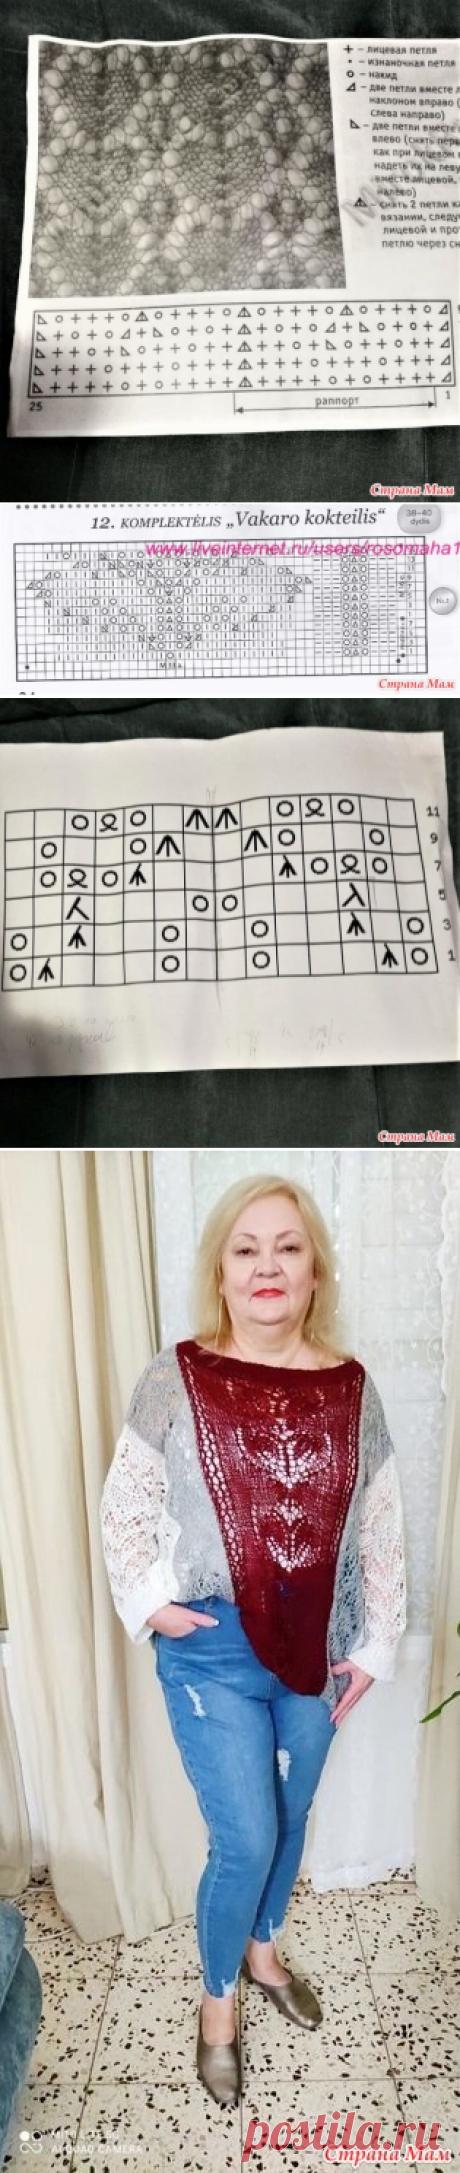 """Ажур в моей тунике """"3 в одном"""" - Вязание - Страна Мам"""